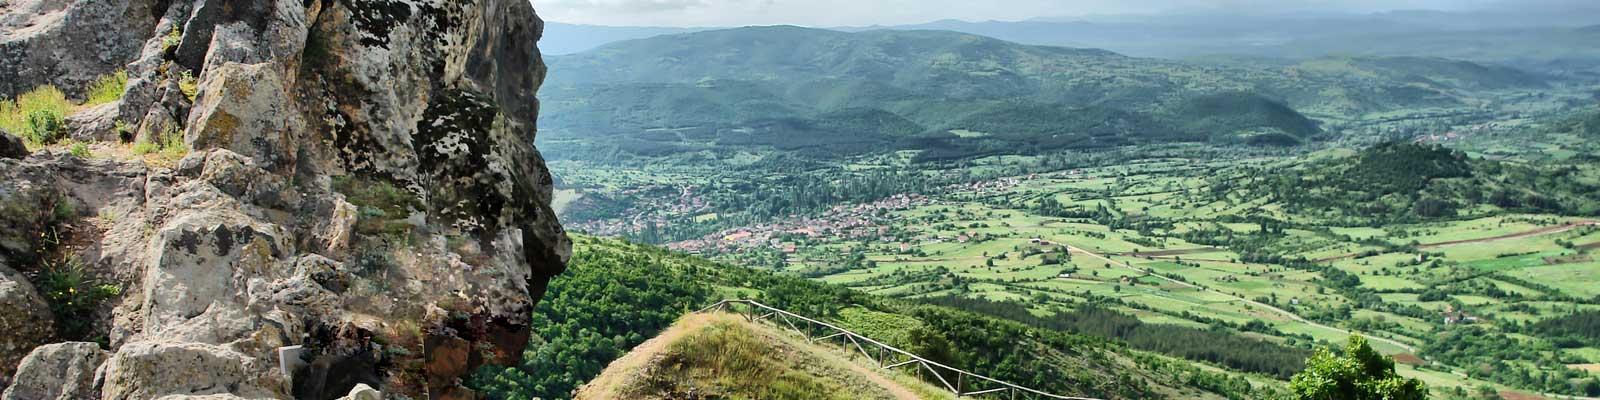 Panama Montanhas Verdes Compre, Venda. Vilas e Pousadas.